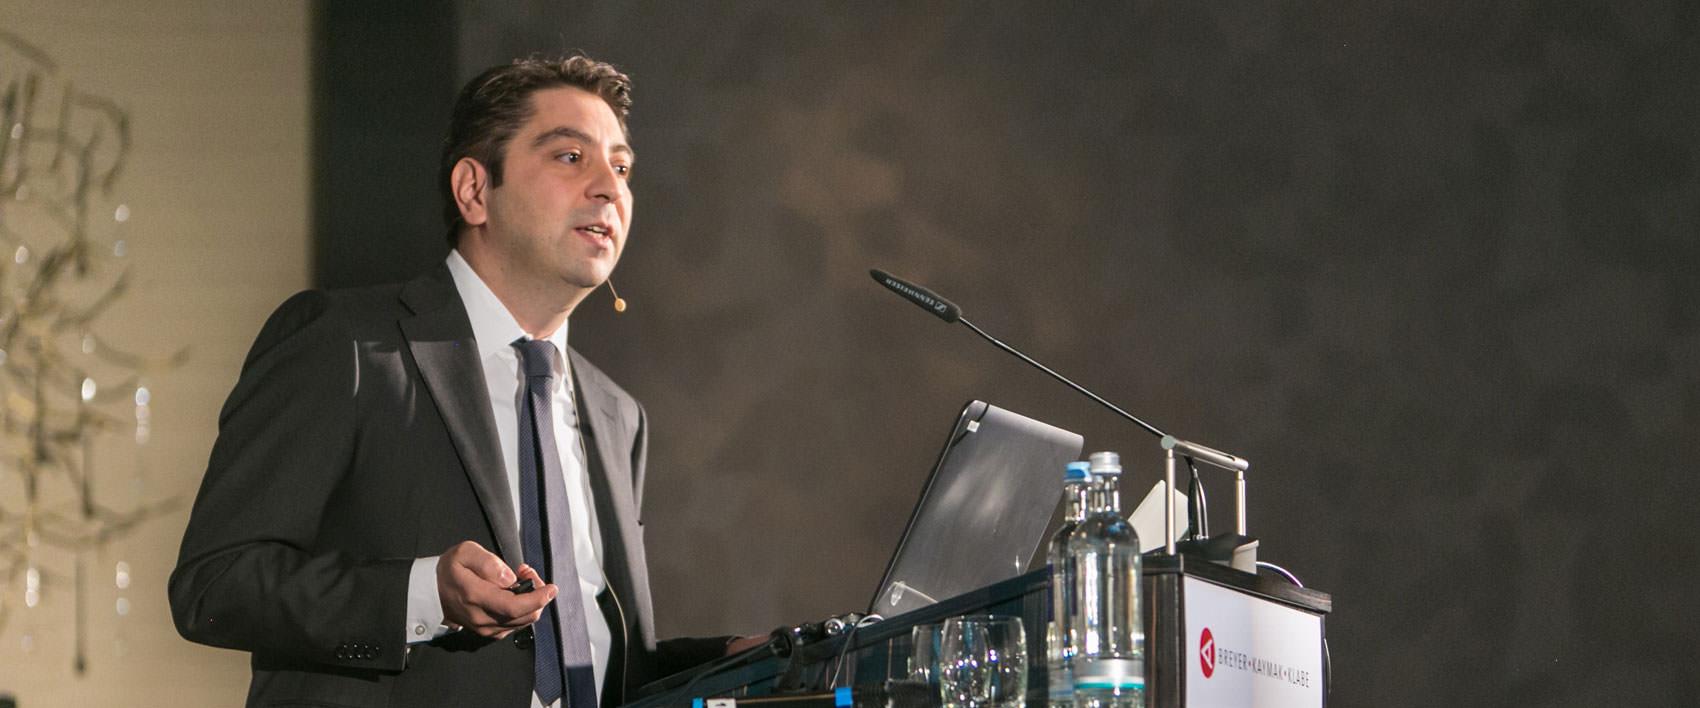 Dr. Kaymak als Referent während eines Vortrags